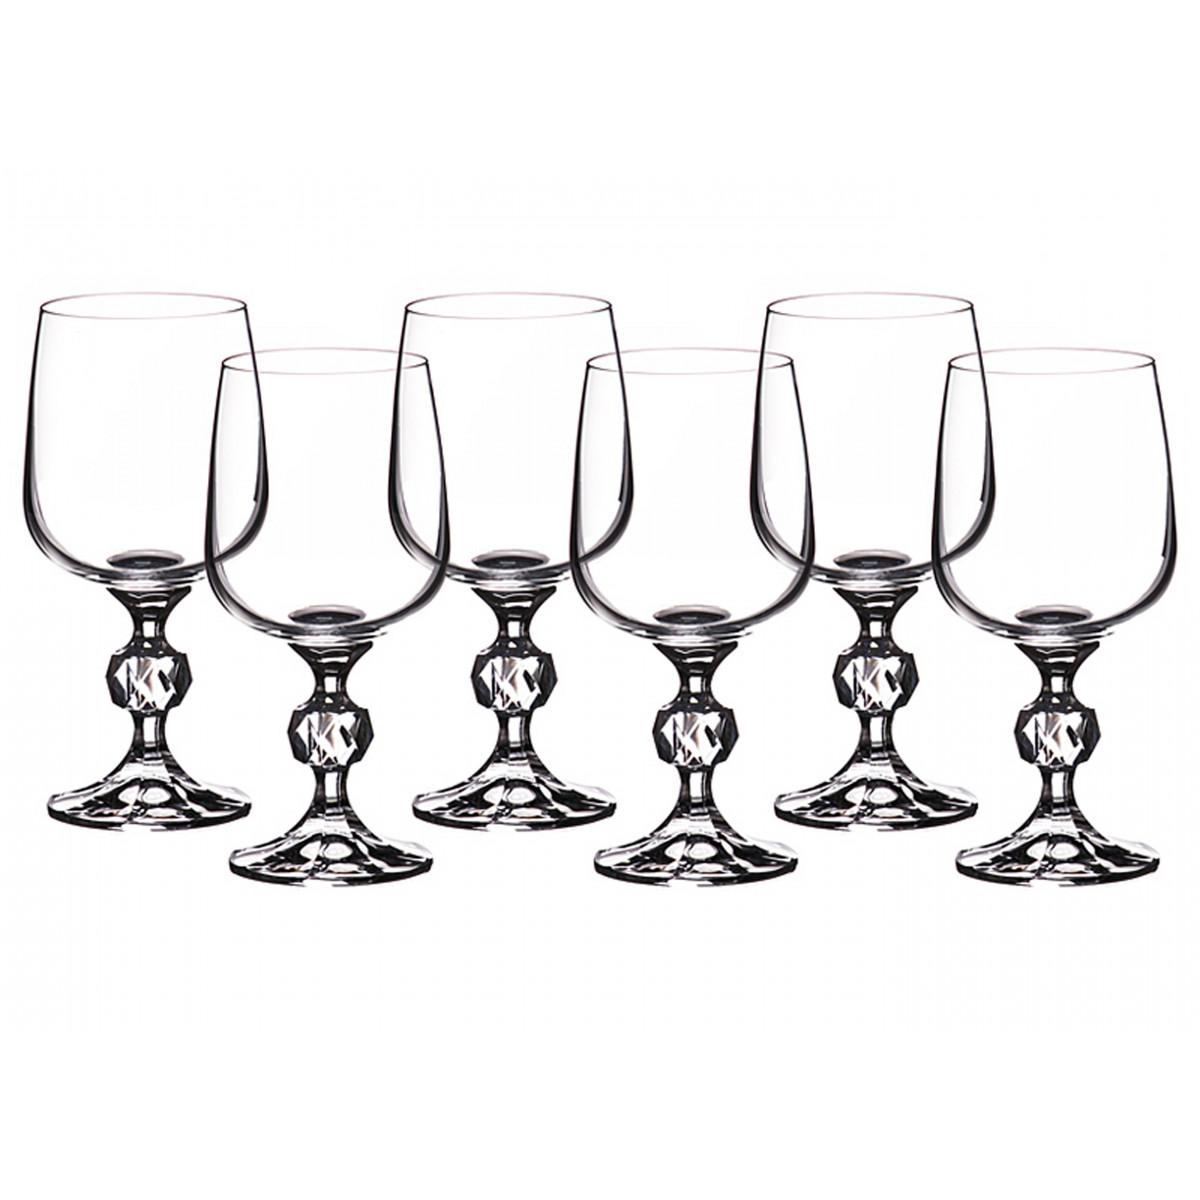 {} Crystalite Bohemia Набор бокалов для вина Keavy  (15 см - 6 шт) набор бокалов для бренди коралл 40600 q8105 400 анжела